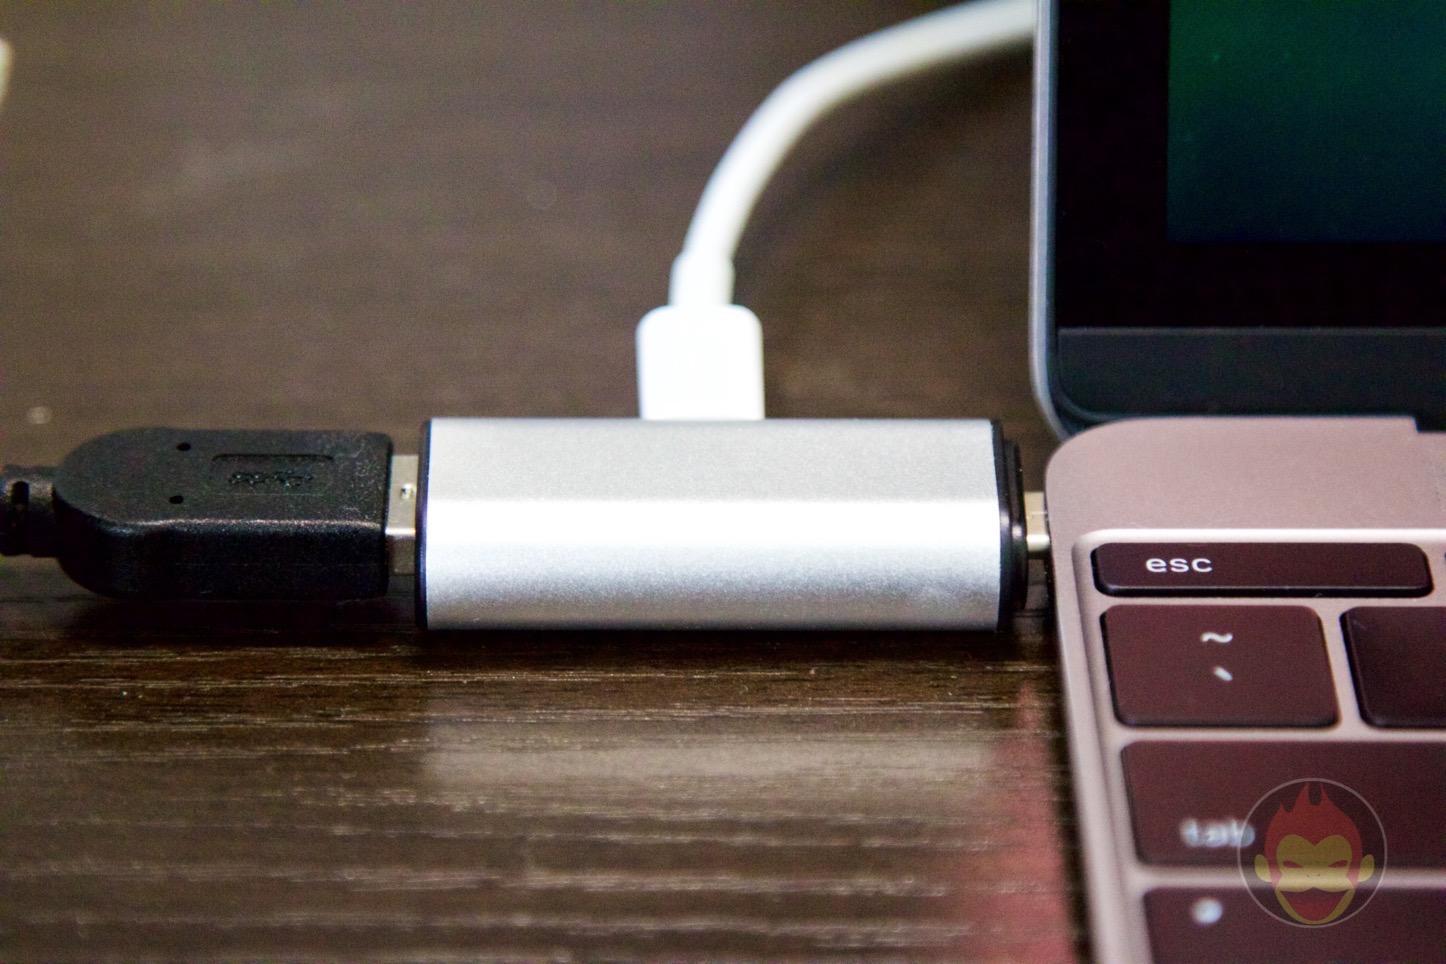 iitrust-MacBook-USB-Adapter-08.jpg